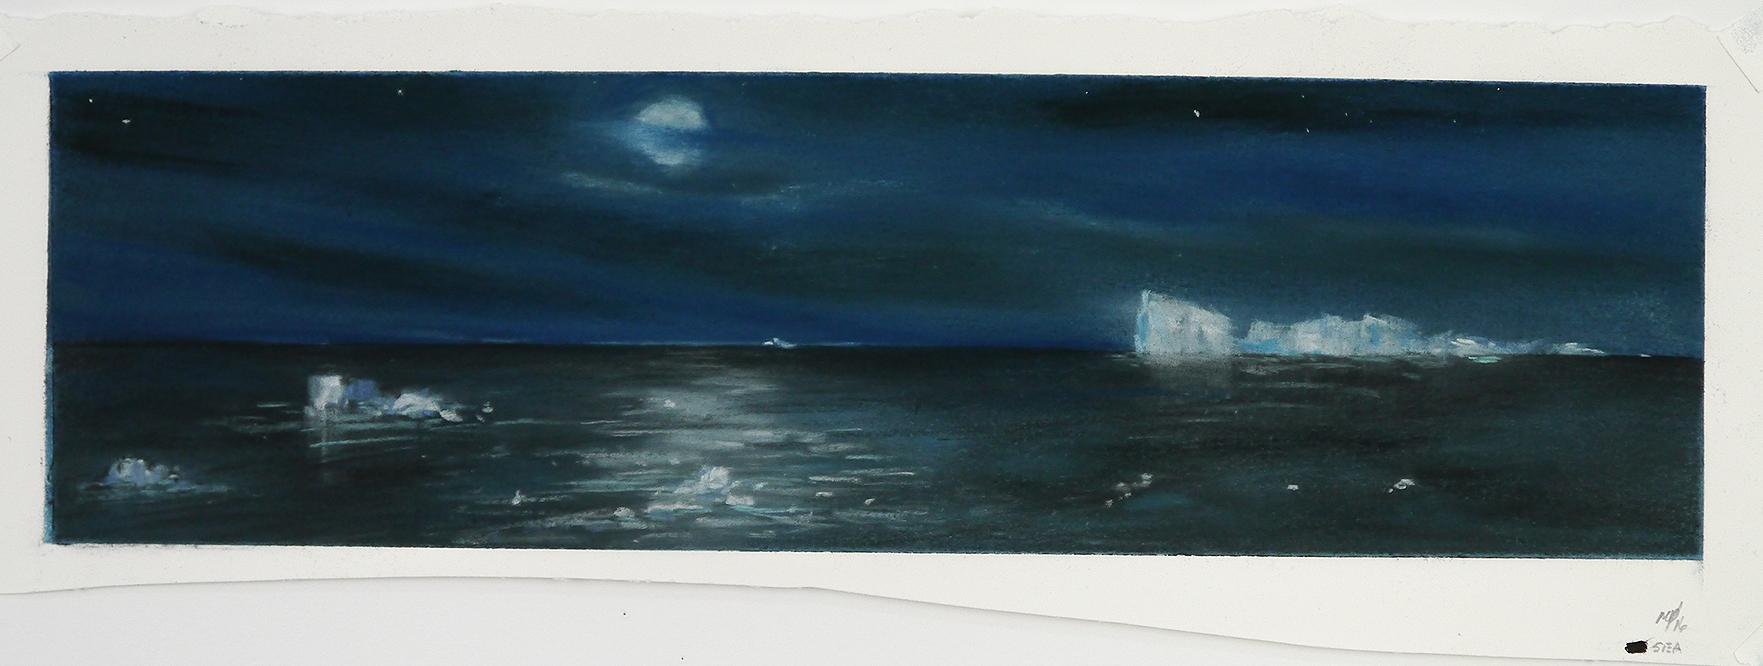 Ice & Oil, Night